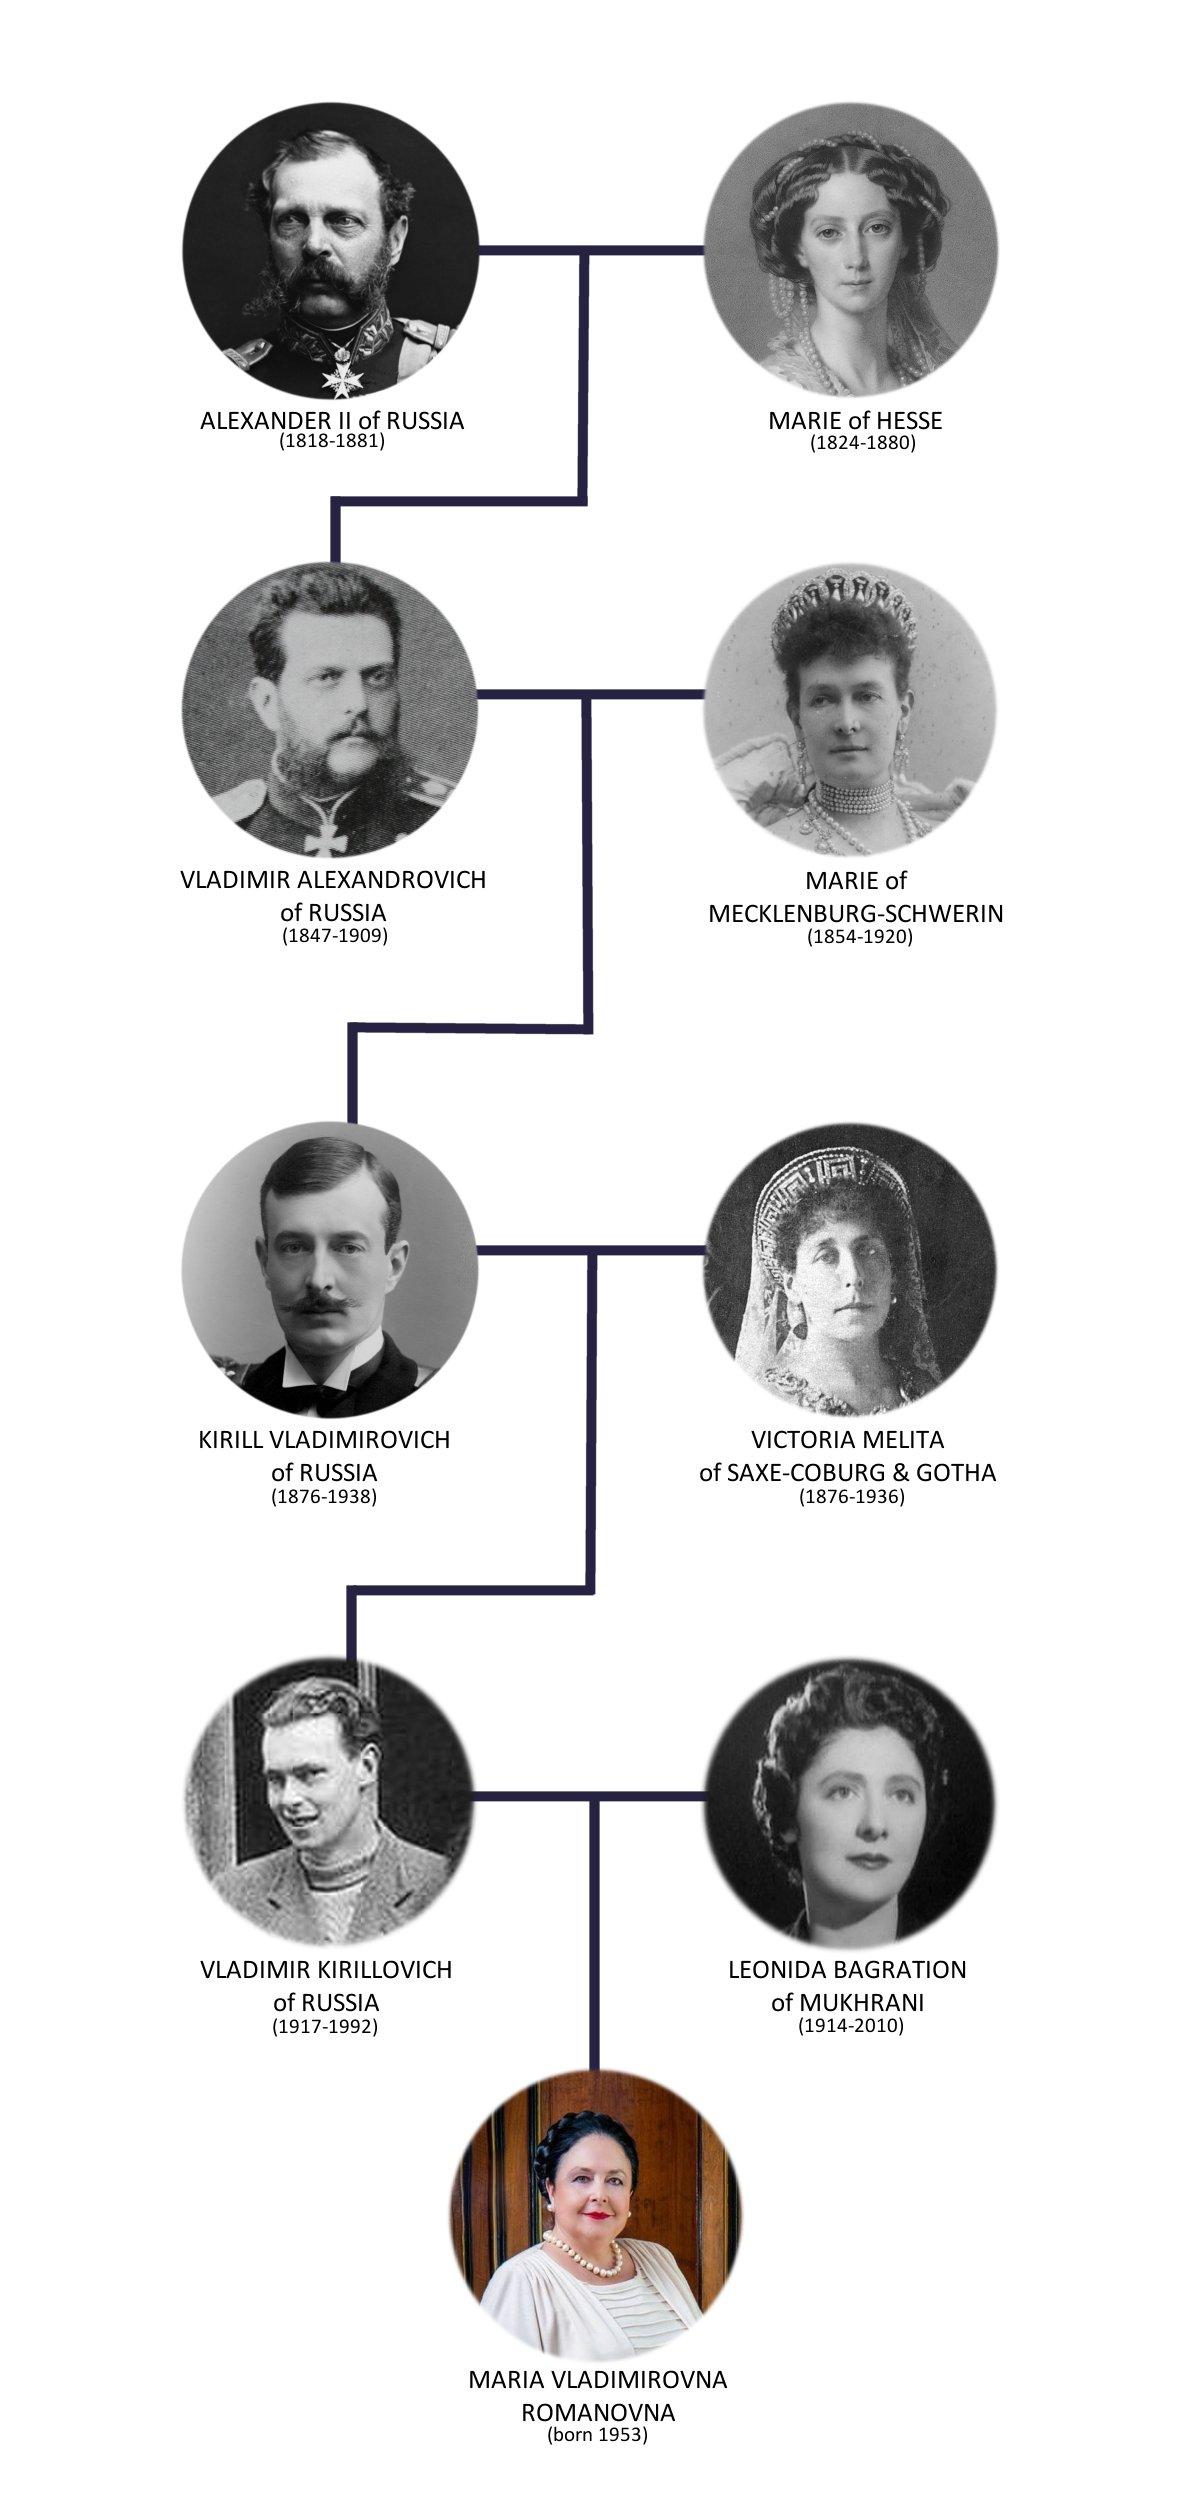 Maria Vladimirovna's Family Tree